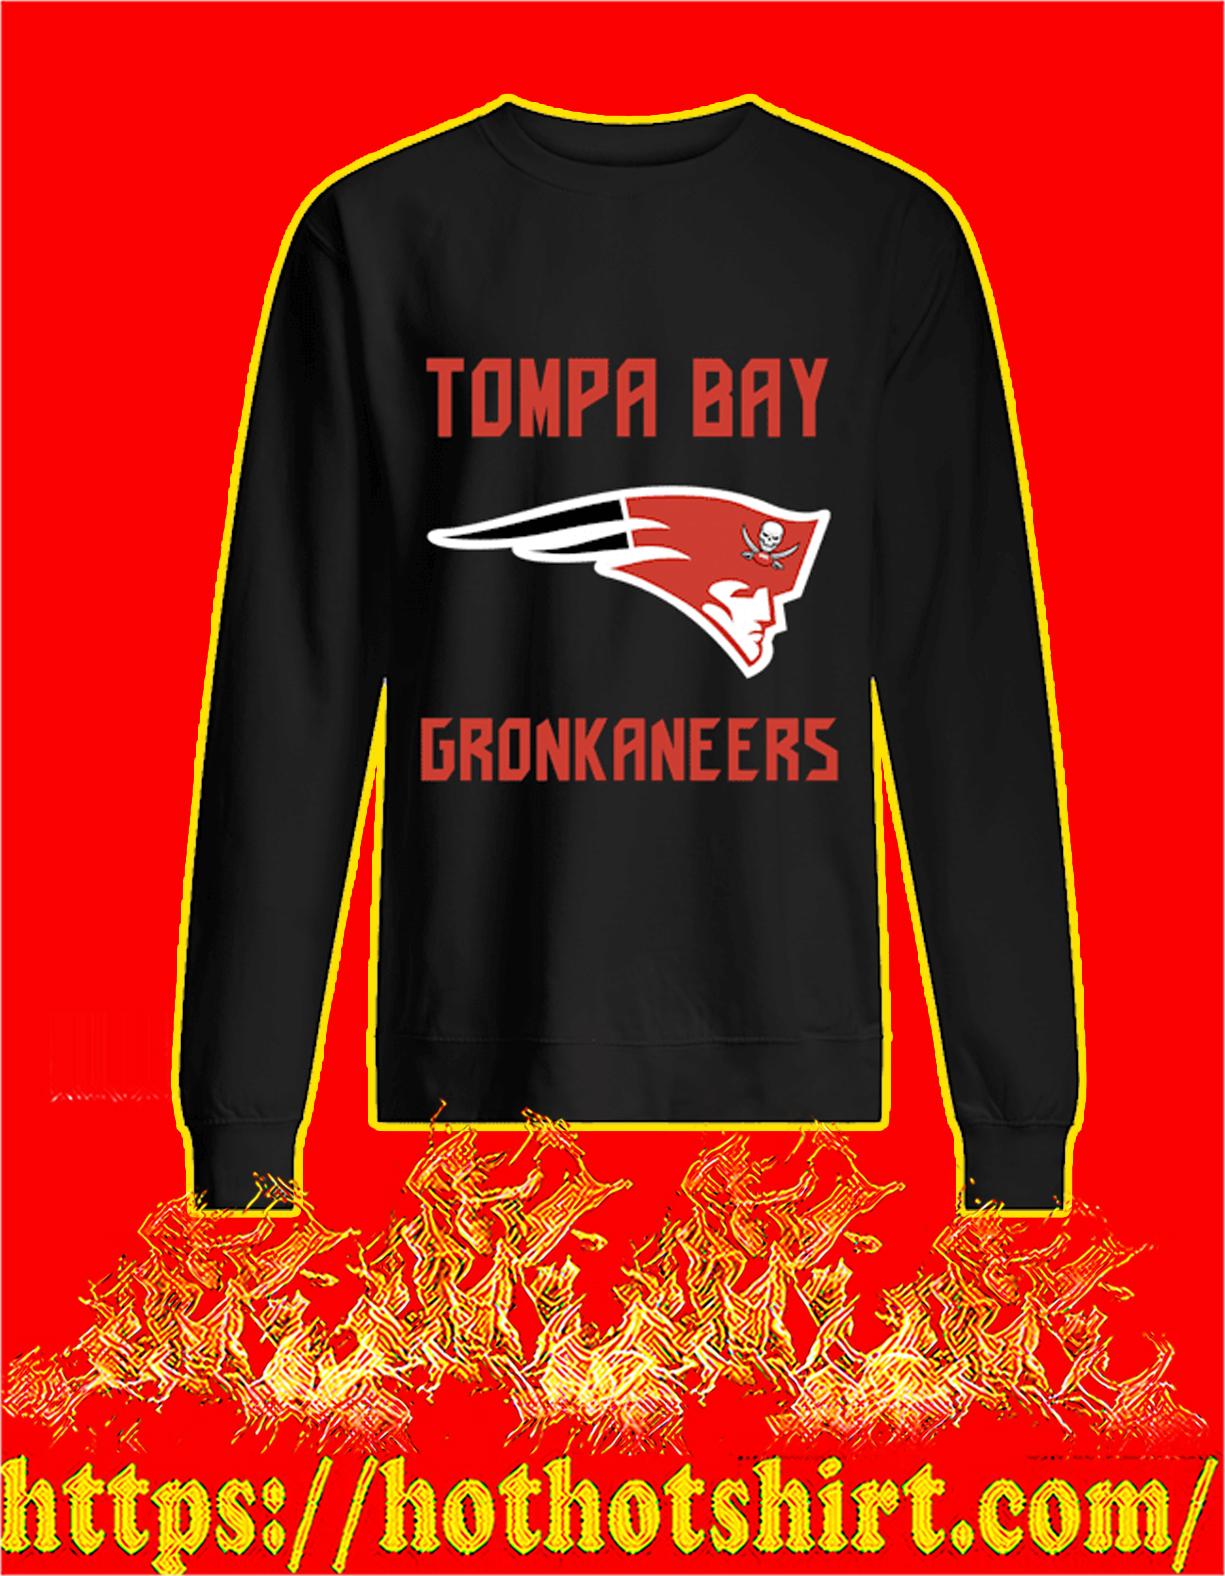 Tompa bay gronkaneers sweatshirt